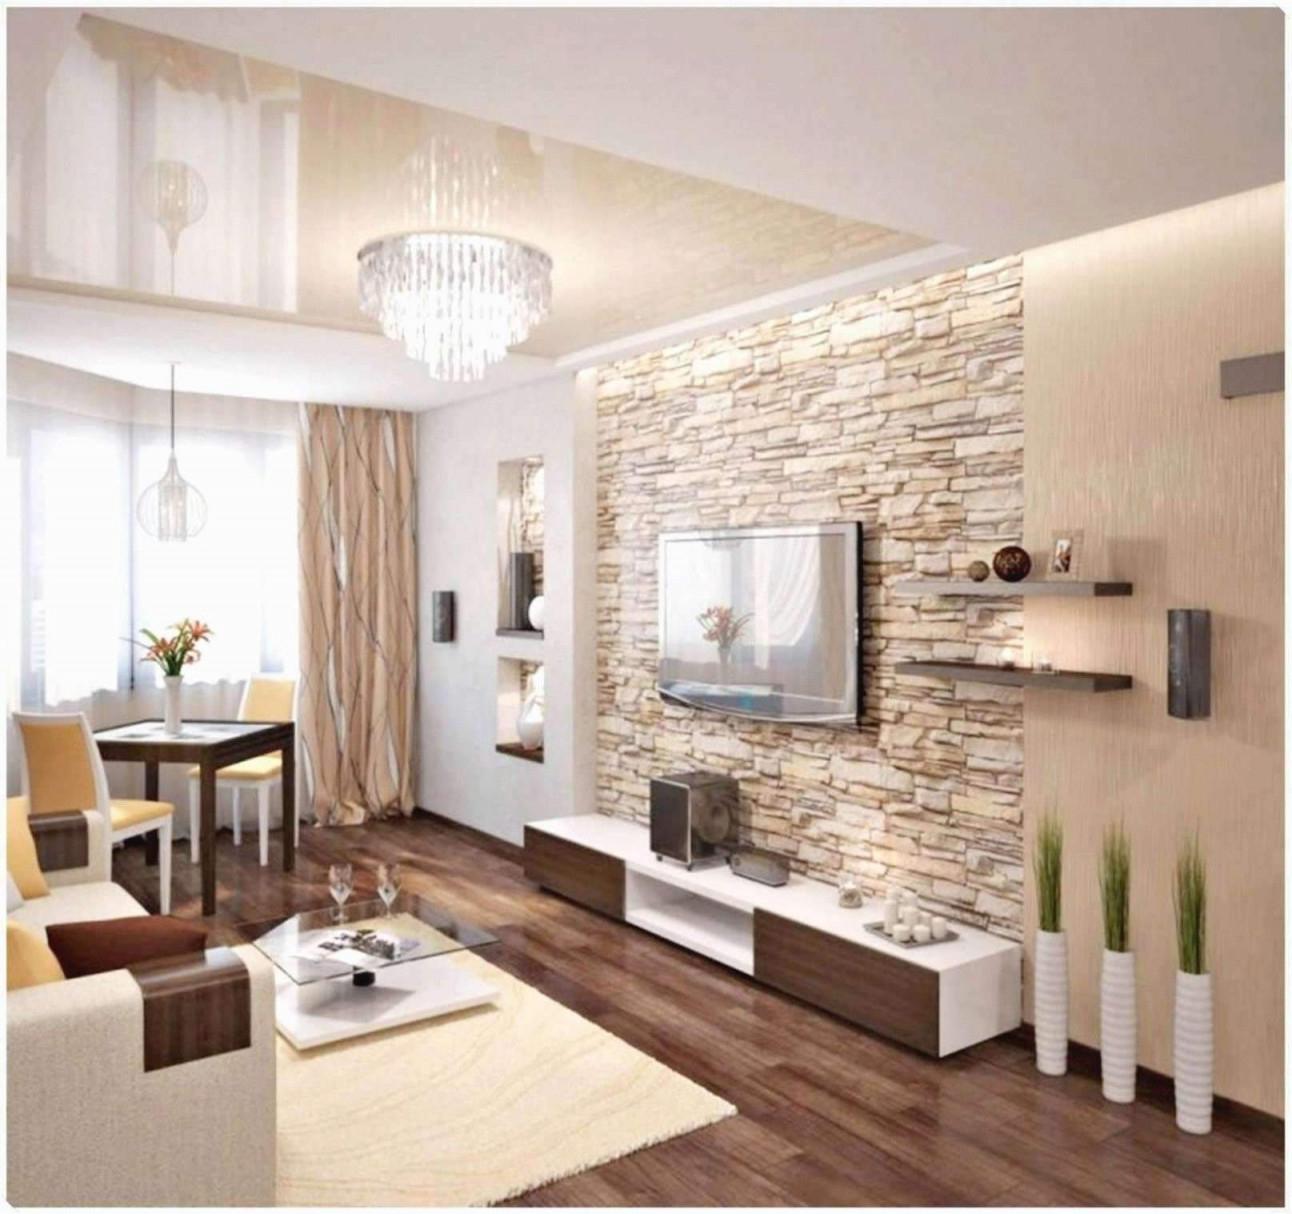 29 Luxus Wohnzimmer Einrichten Ideen Genial  Wohnzimmer Frisch von Wohnzimmer Gestalten Ideen Farben Bild